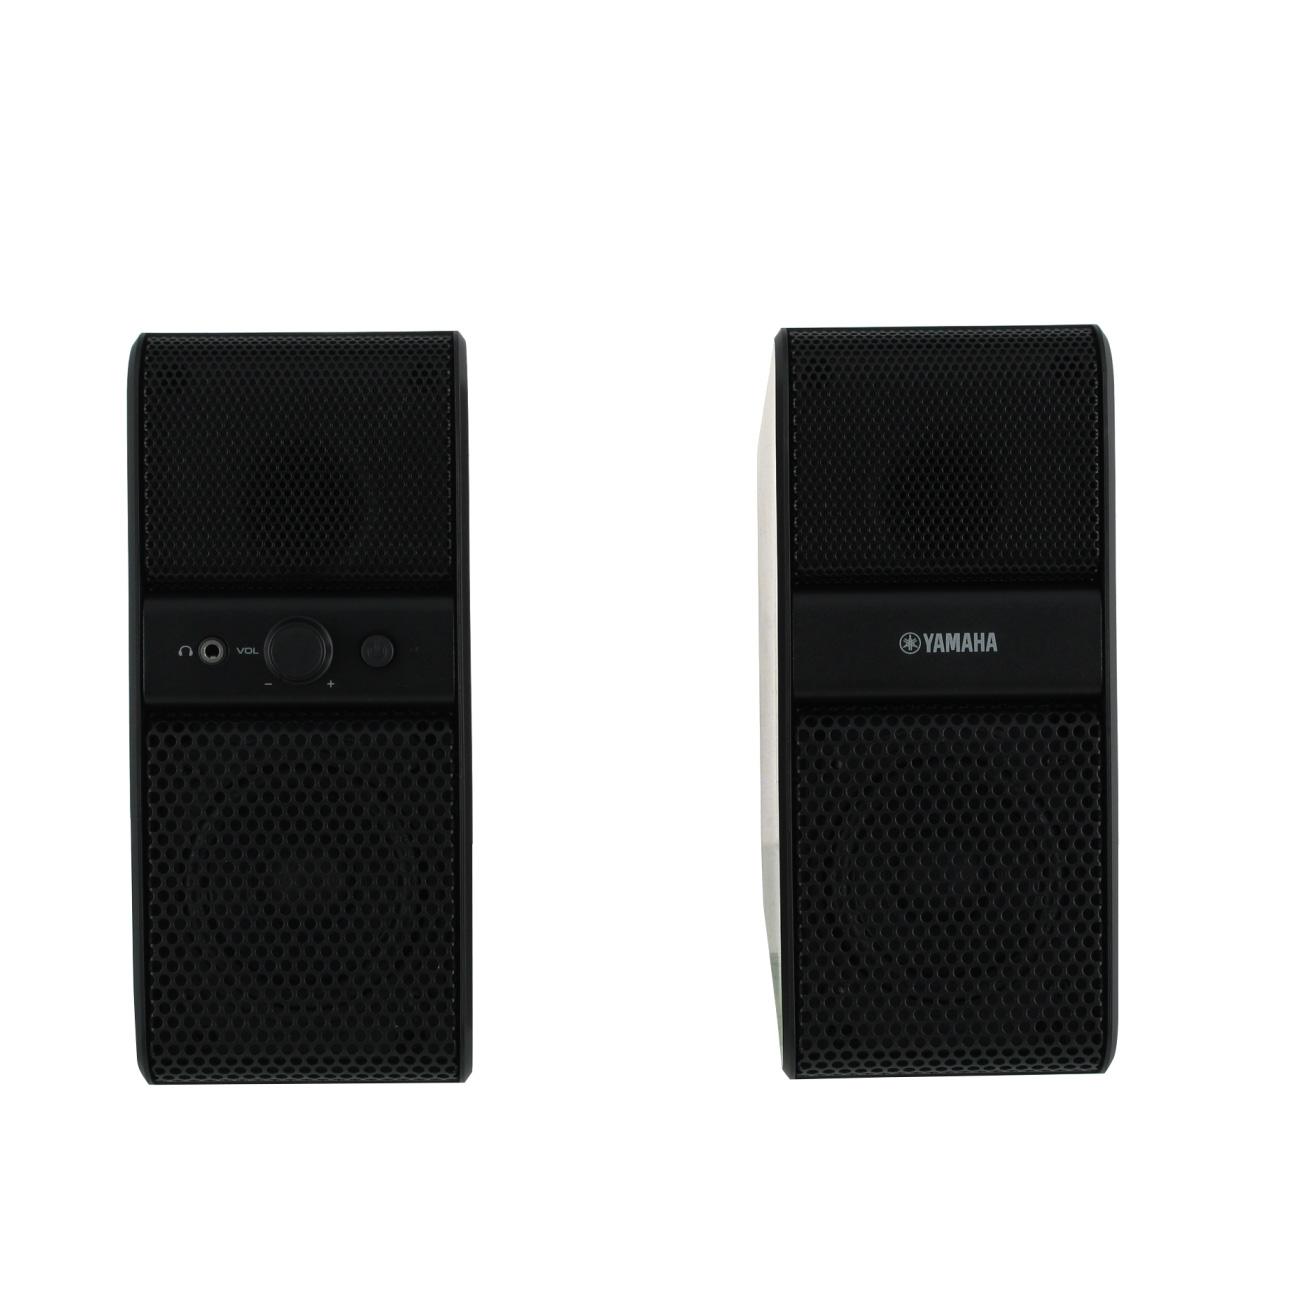 Купить Активные полочные колонки Yamaha NX-50 Black недорого